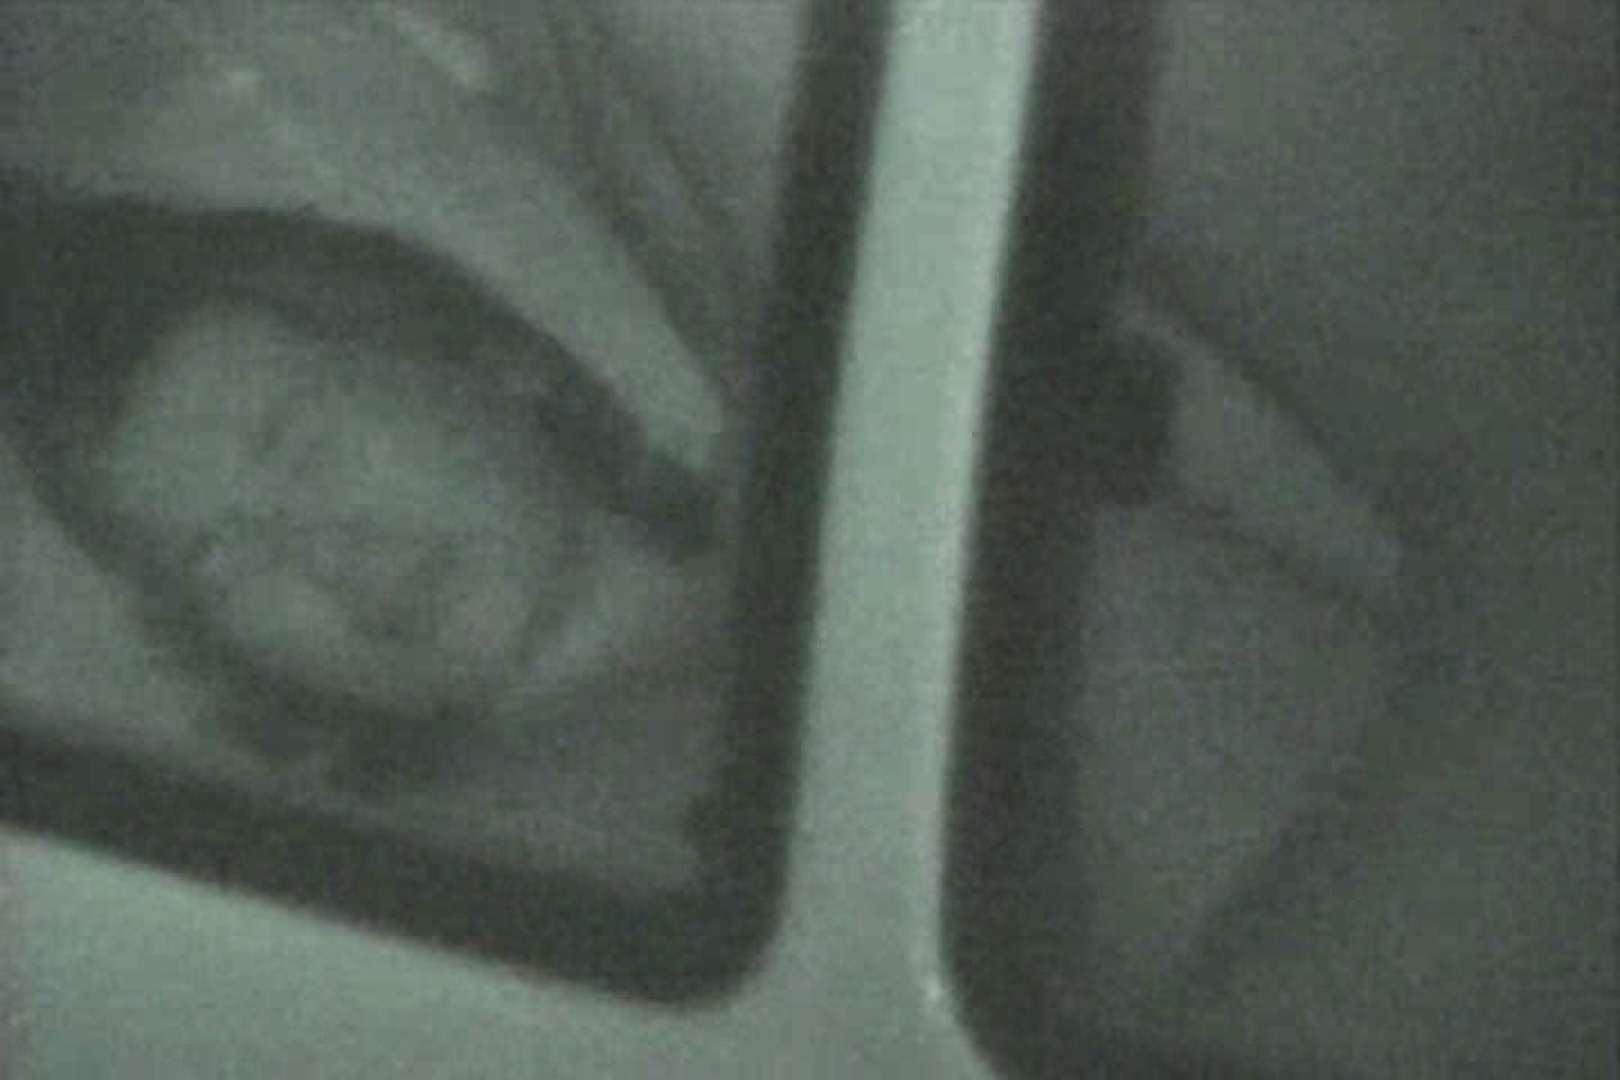 蔵出し!!赤外線カーセックスVol.5 カーセックス  31pic 10